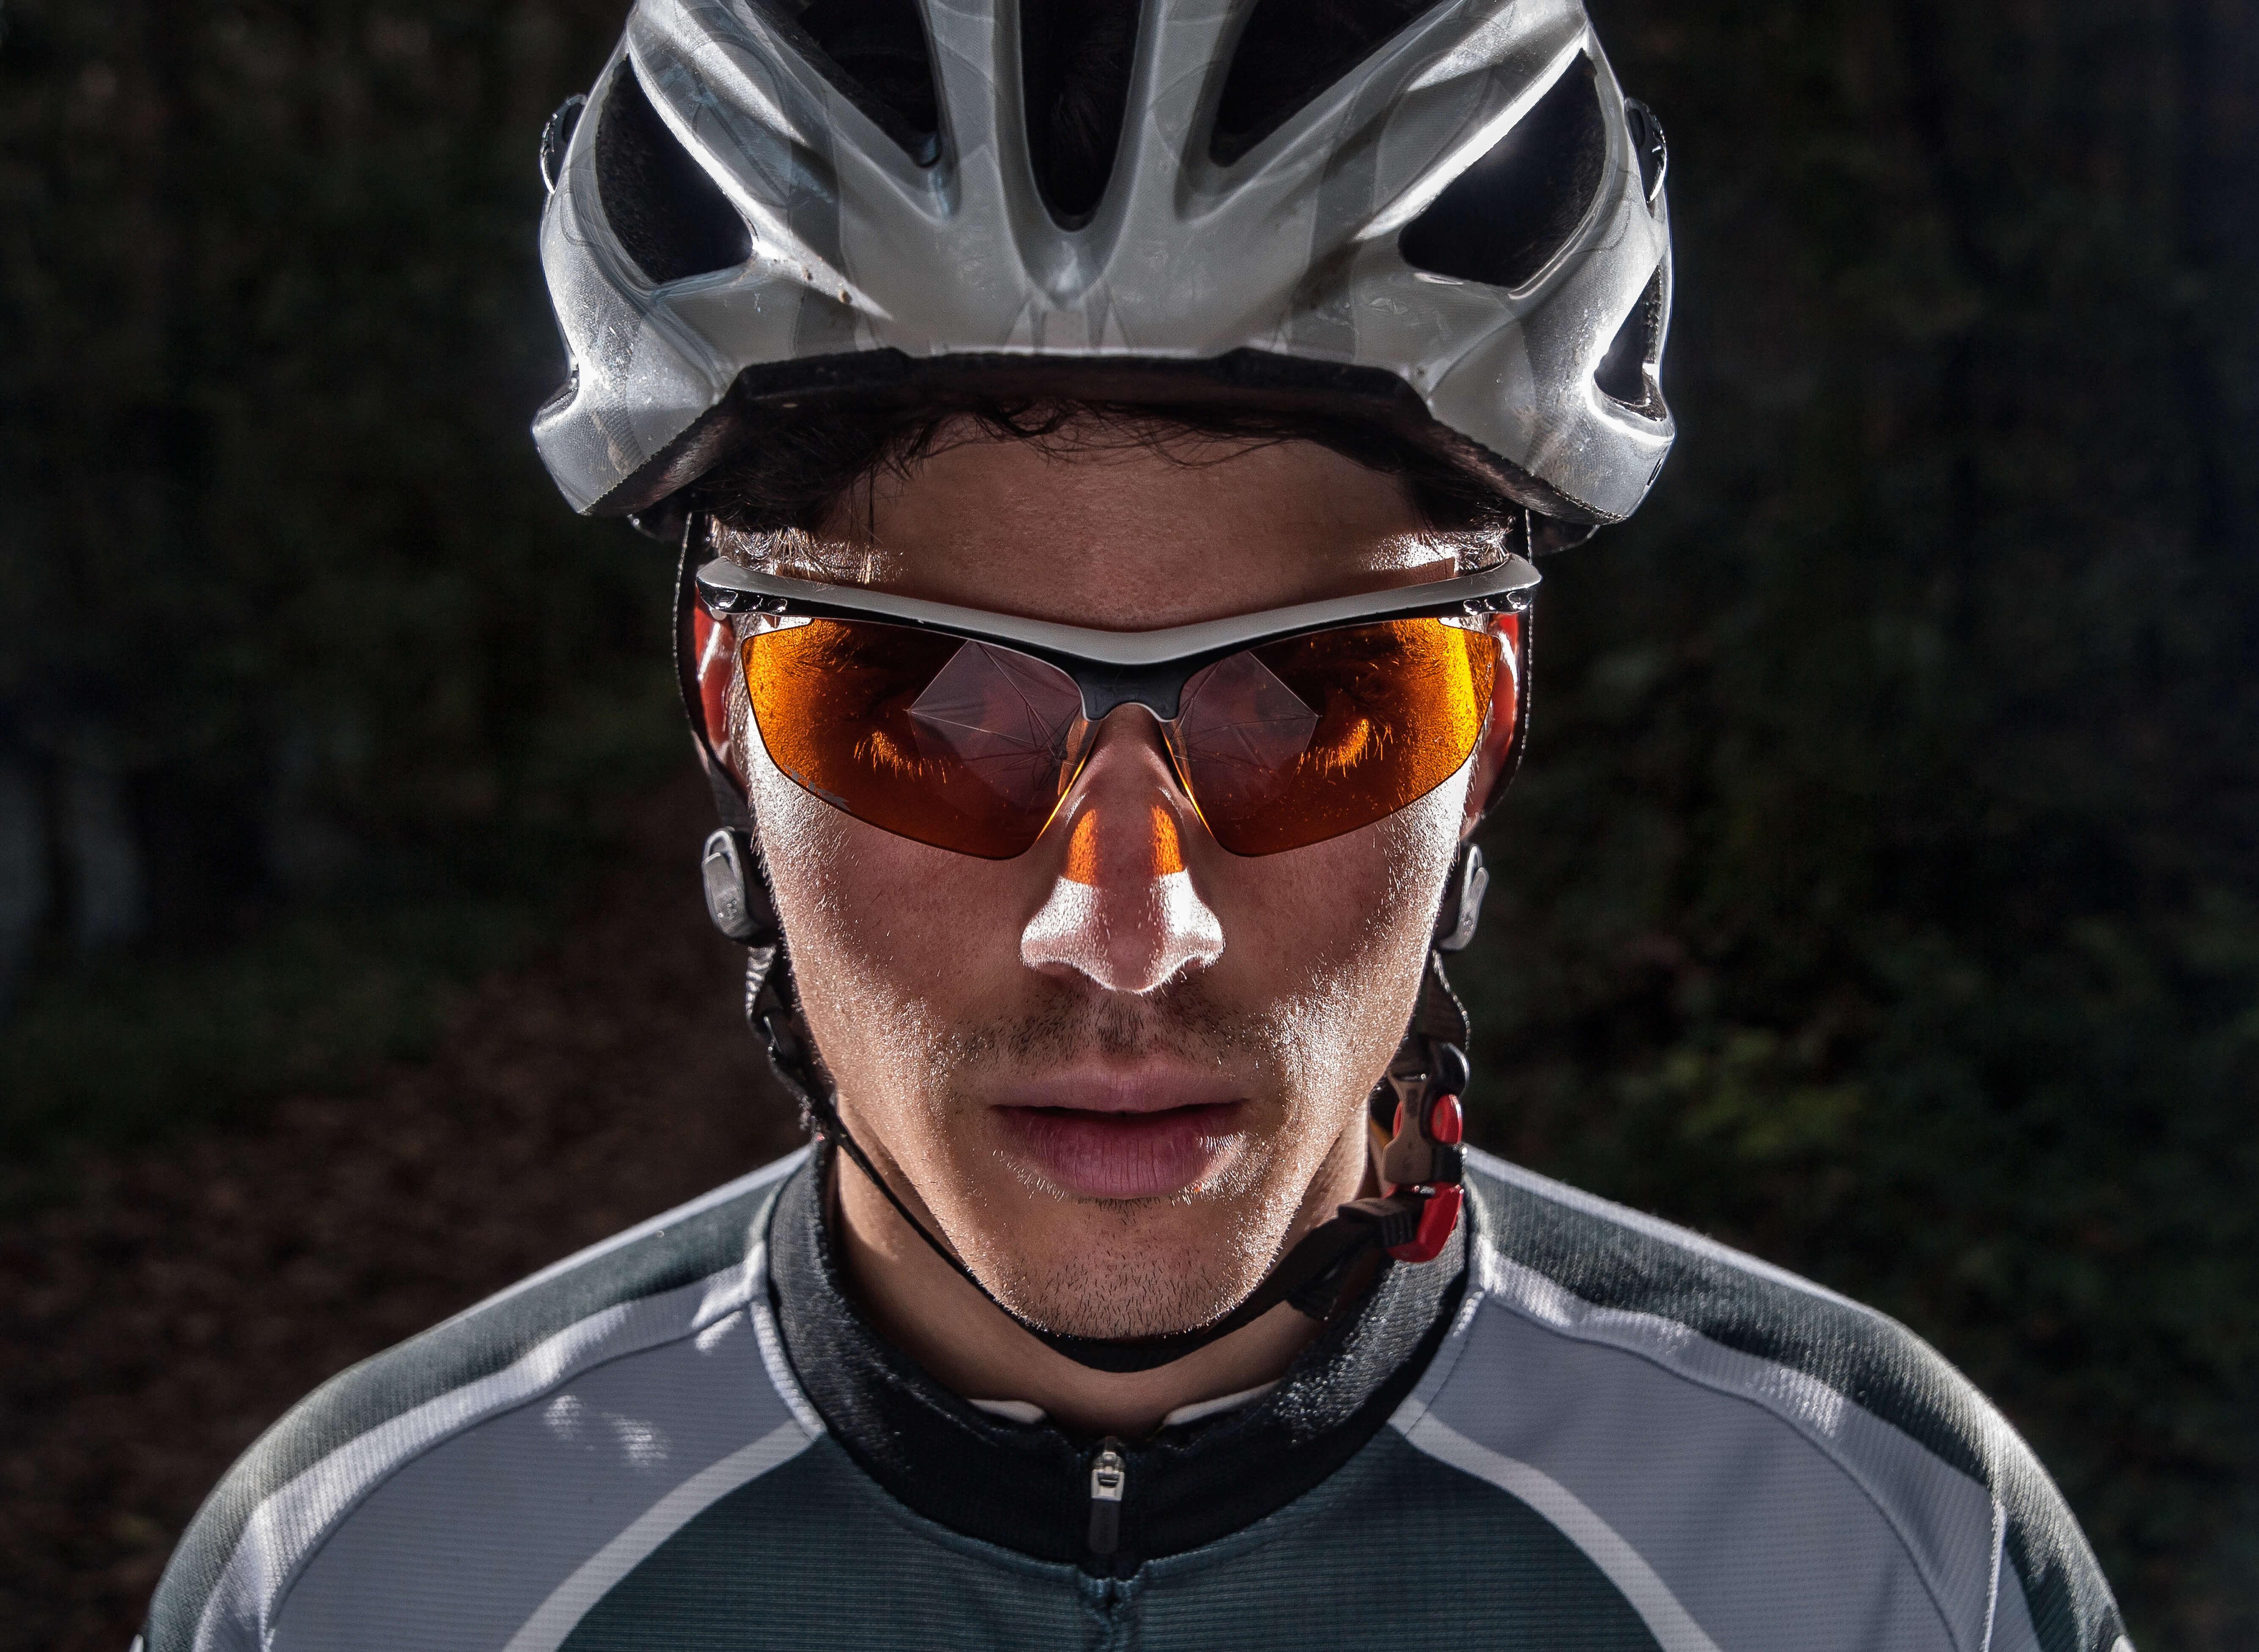 ヘルメットとサングラスを装着した人